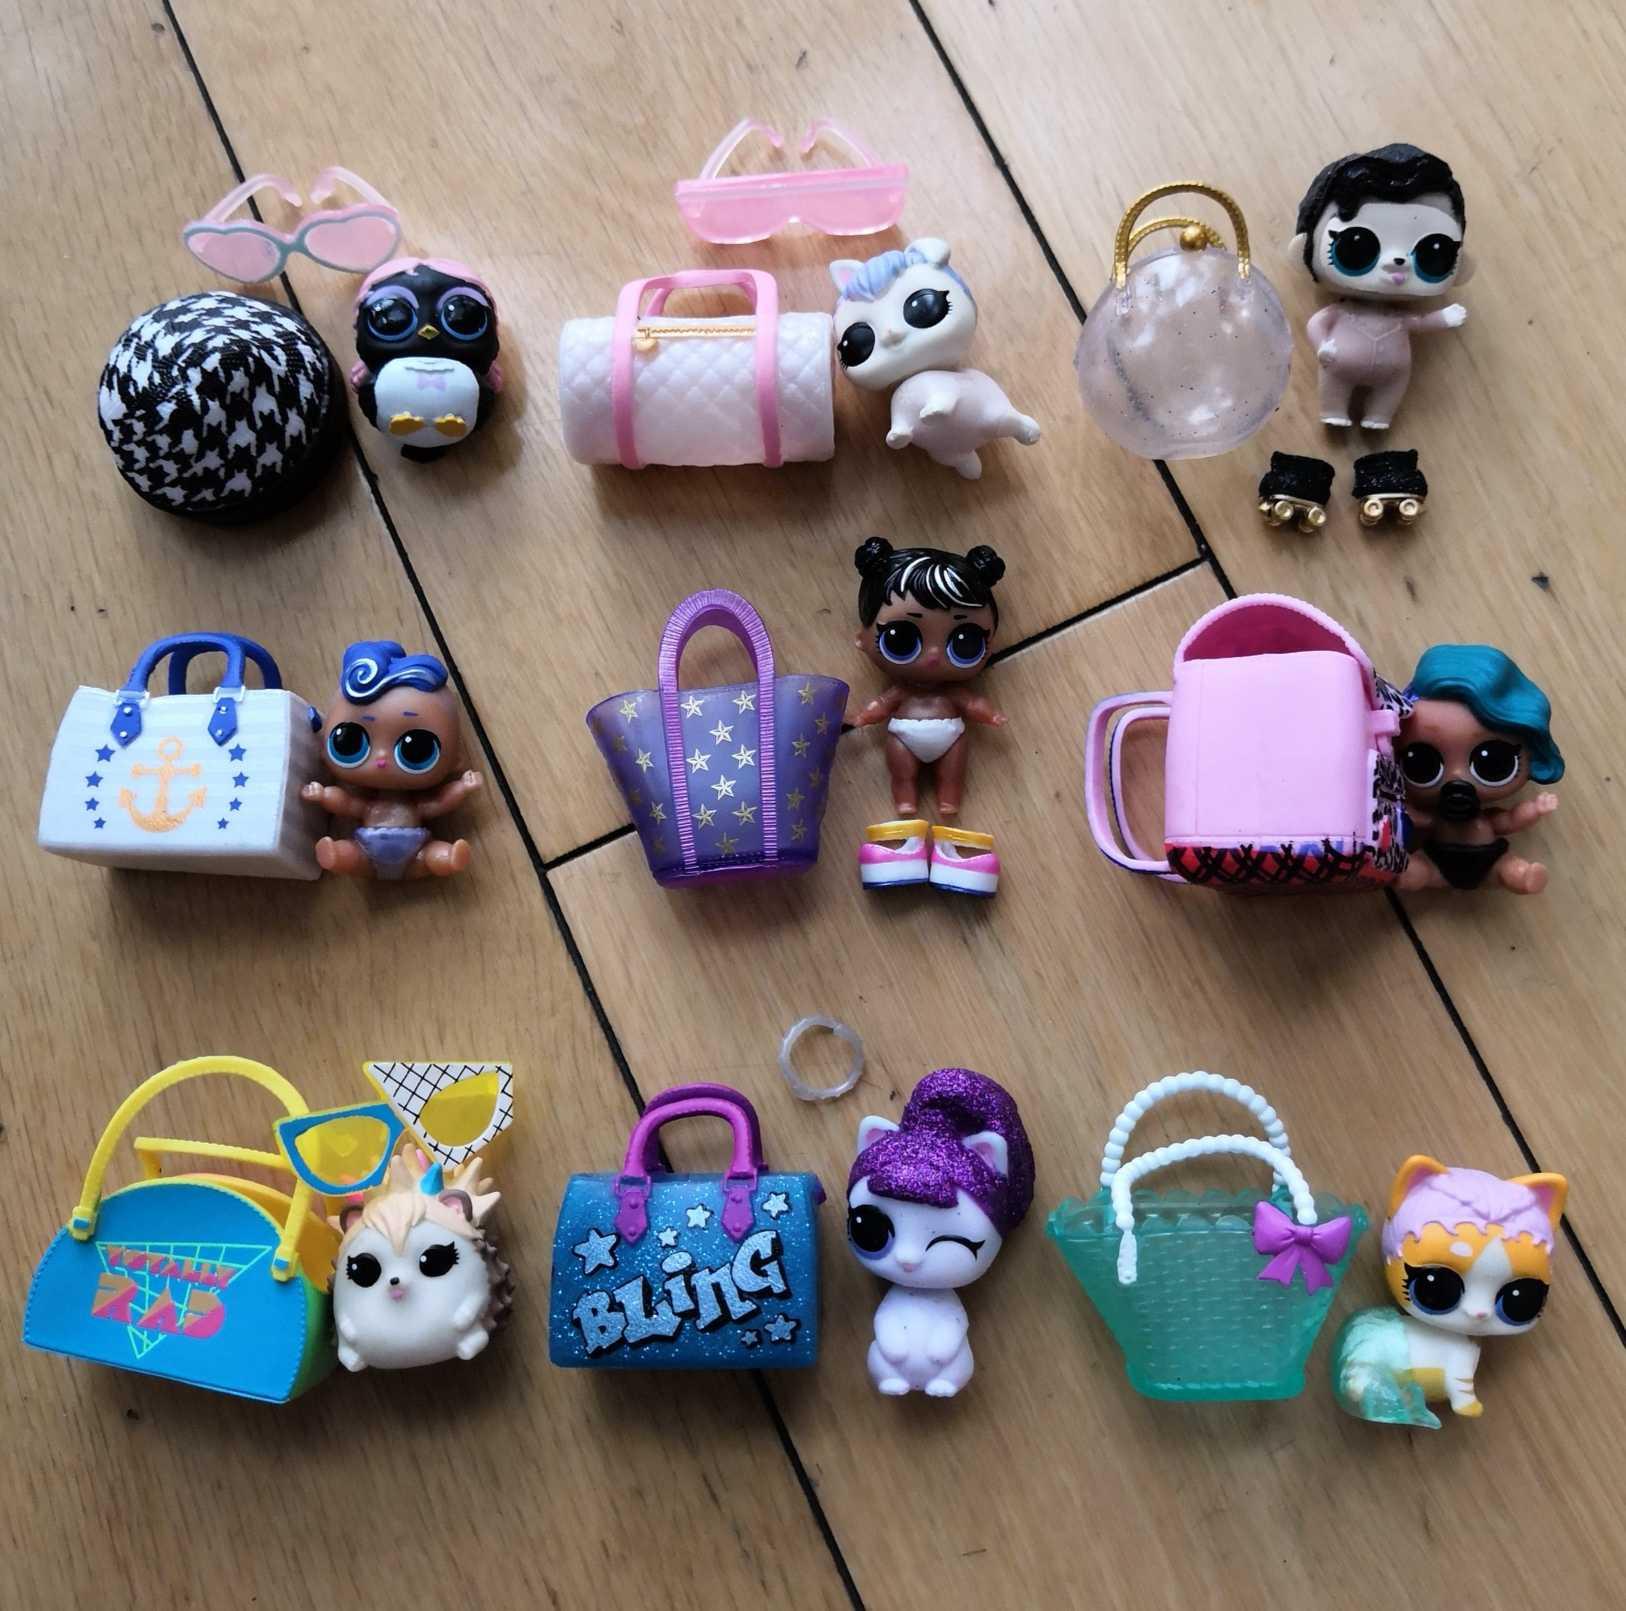 LOL Doll Surprise Original Five Generation Pet Accessories Bottle Surprise Pet Clothes Shoes Toys For Children